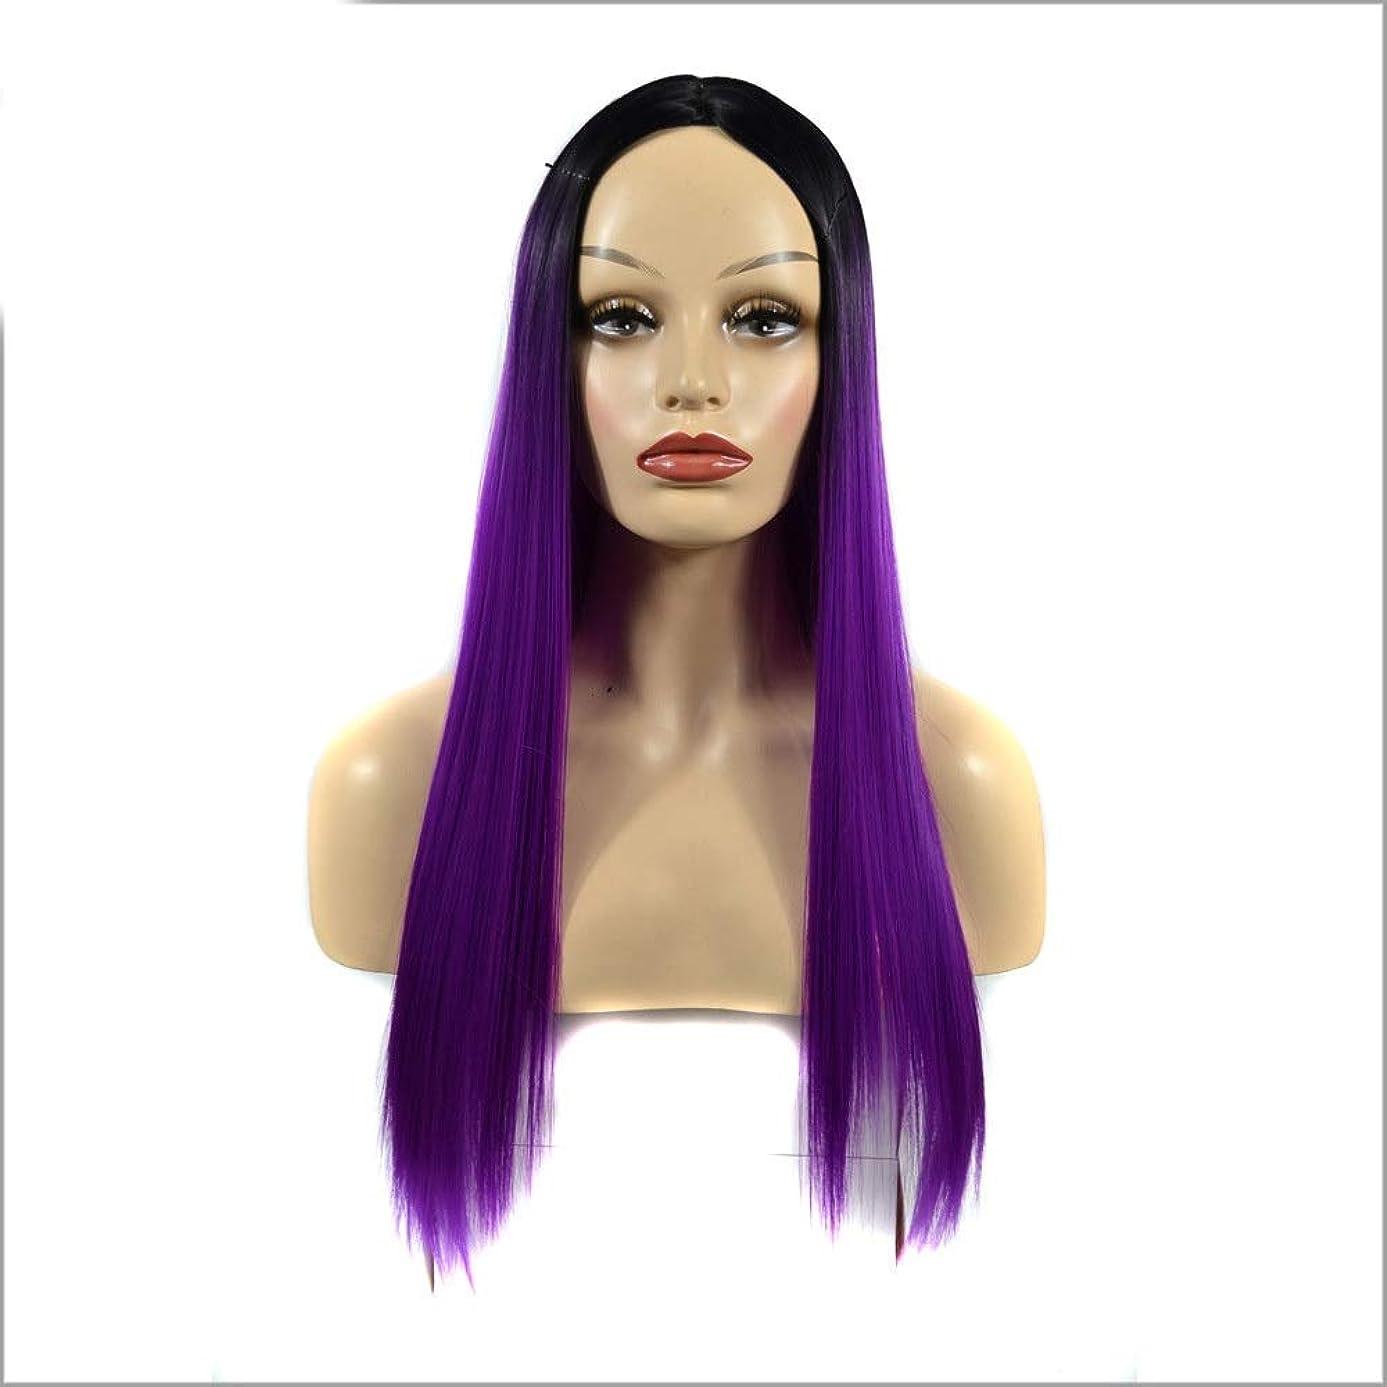 古風な温かい検査官YESONEEP 女性のシルキーロングストレートパープル耐熱合成かつら前髪パーティードレスウィッグパーティーかつら (Color : Purple, サイズ : 60cm)